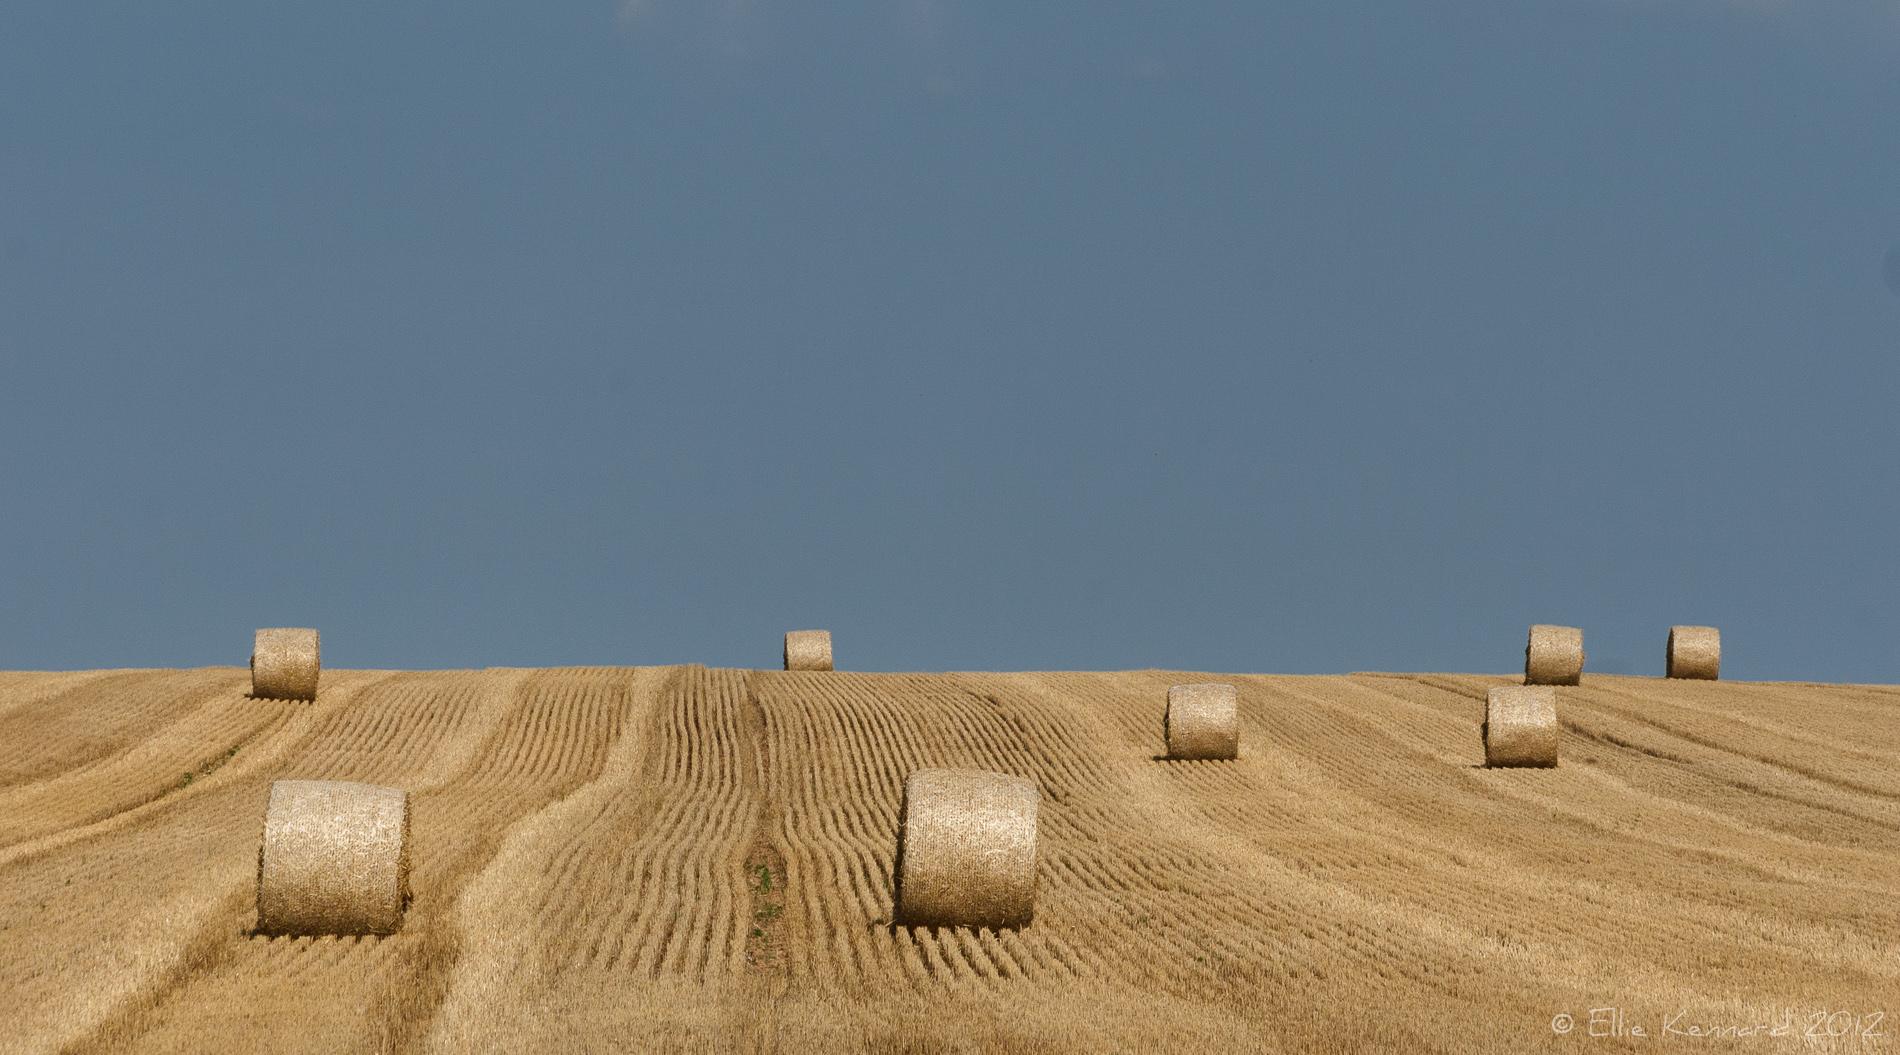 Round Bales on the Horizon - Ellie Kennard 2012